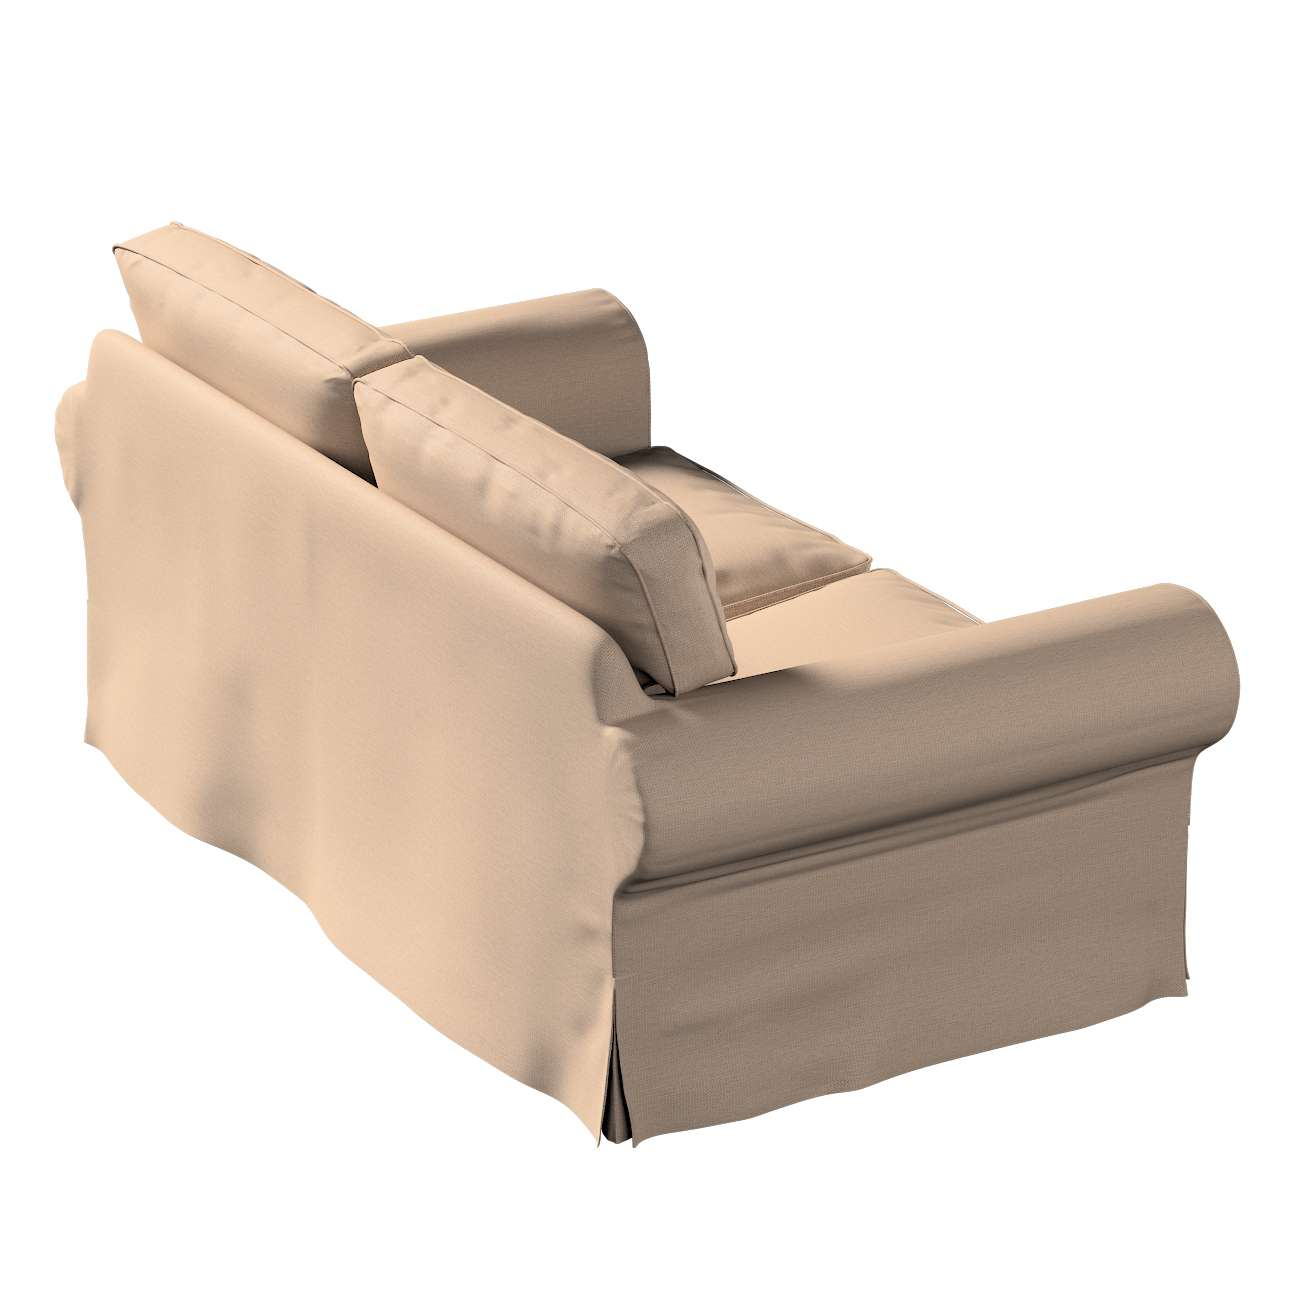 Bezug für Ektorp 2-Sitzer Sofa nicht ausklappbar von der Kollektion Bergen, Stoff: 161-75